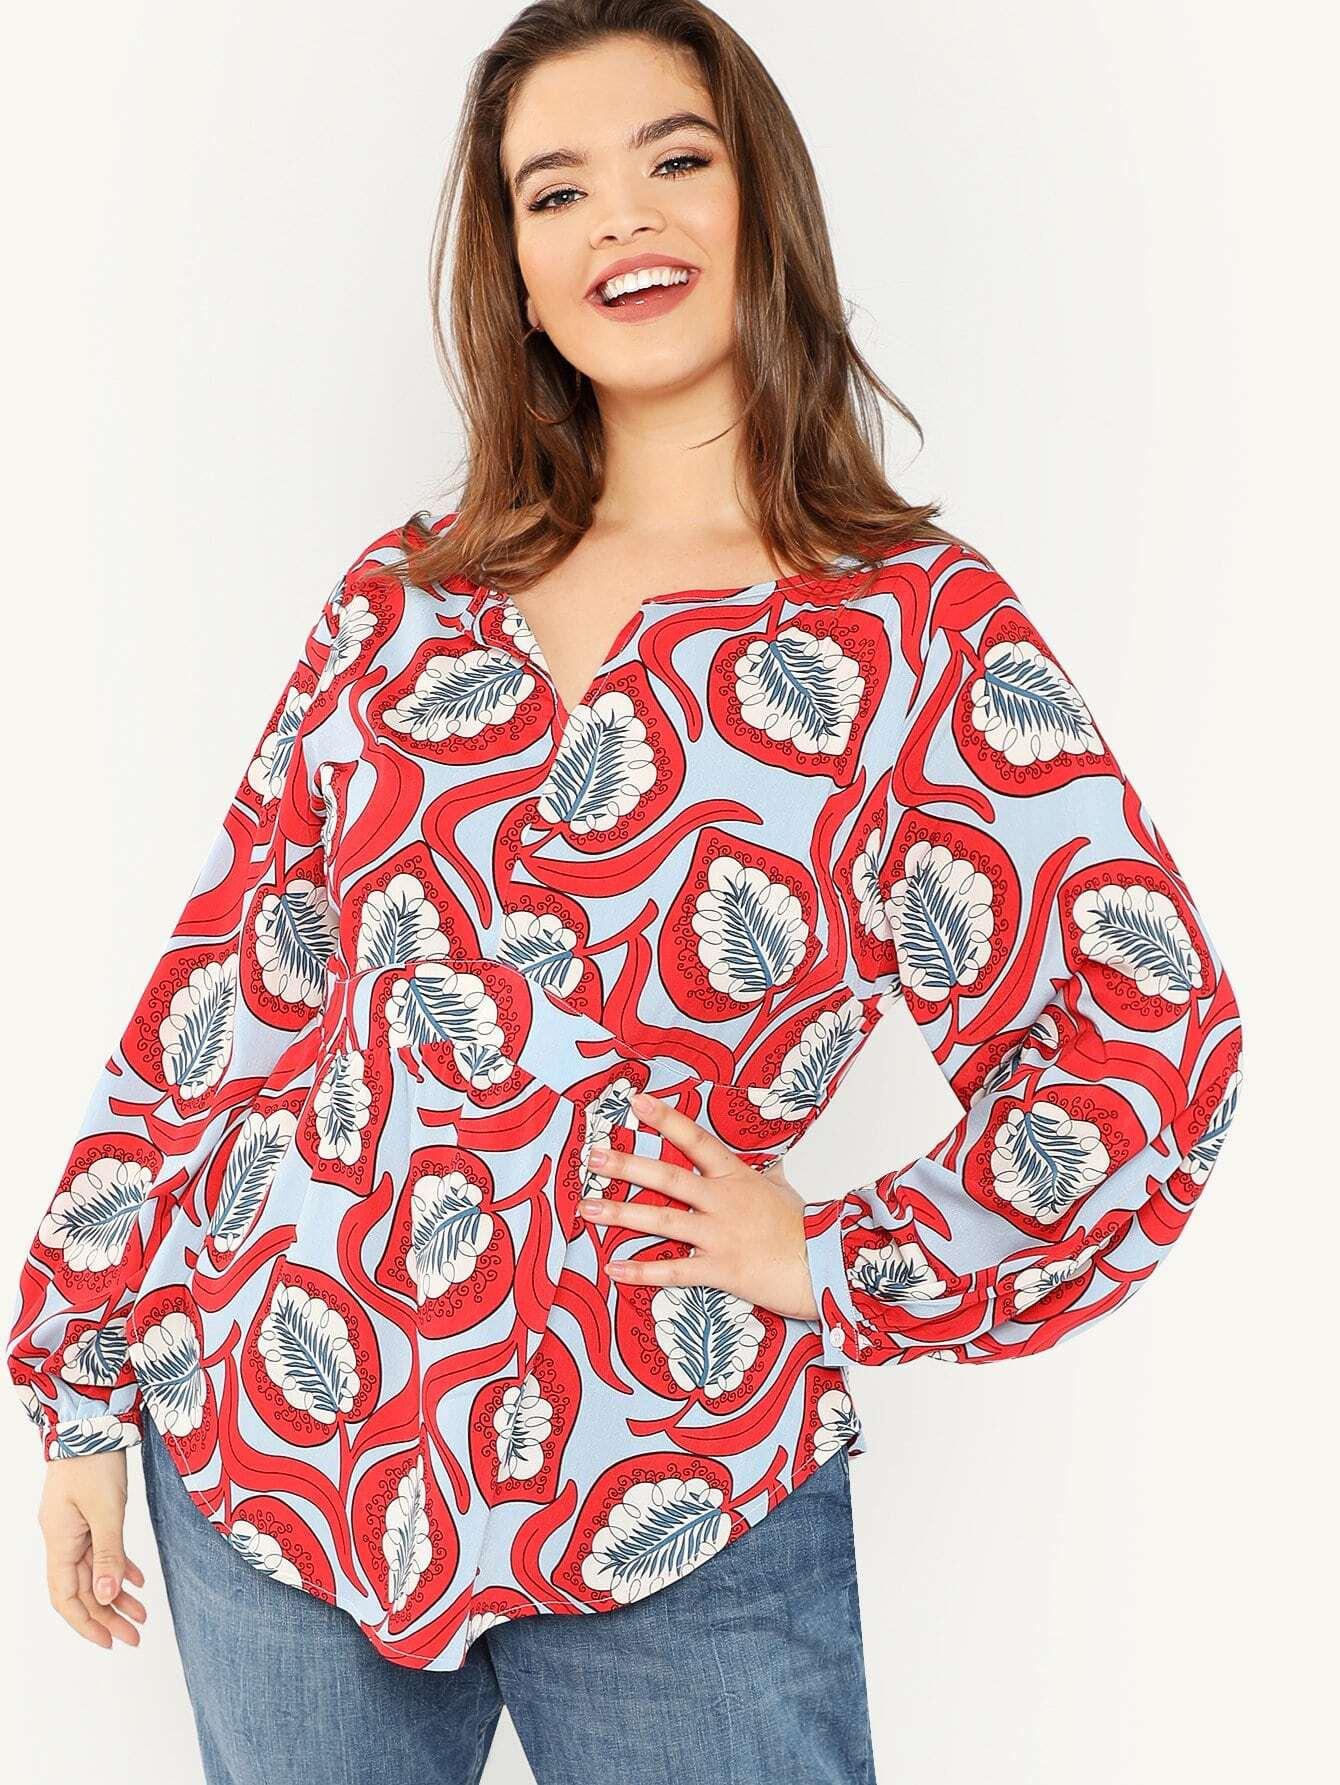 Купить Плюс размеры блузка с растительным притном, Faith Bowman, SheIn